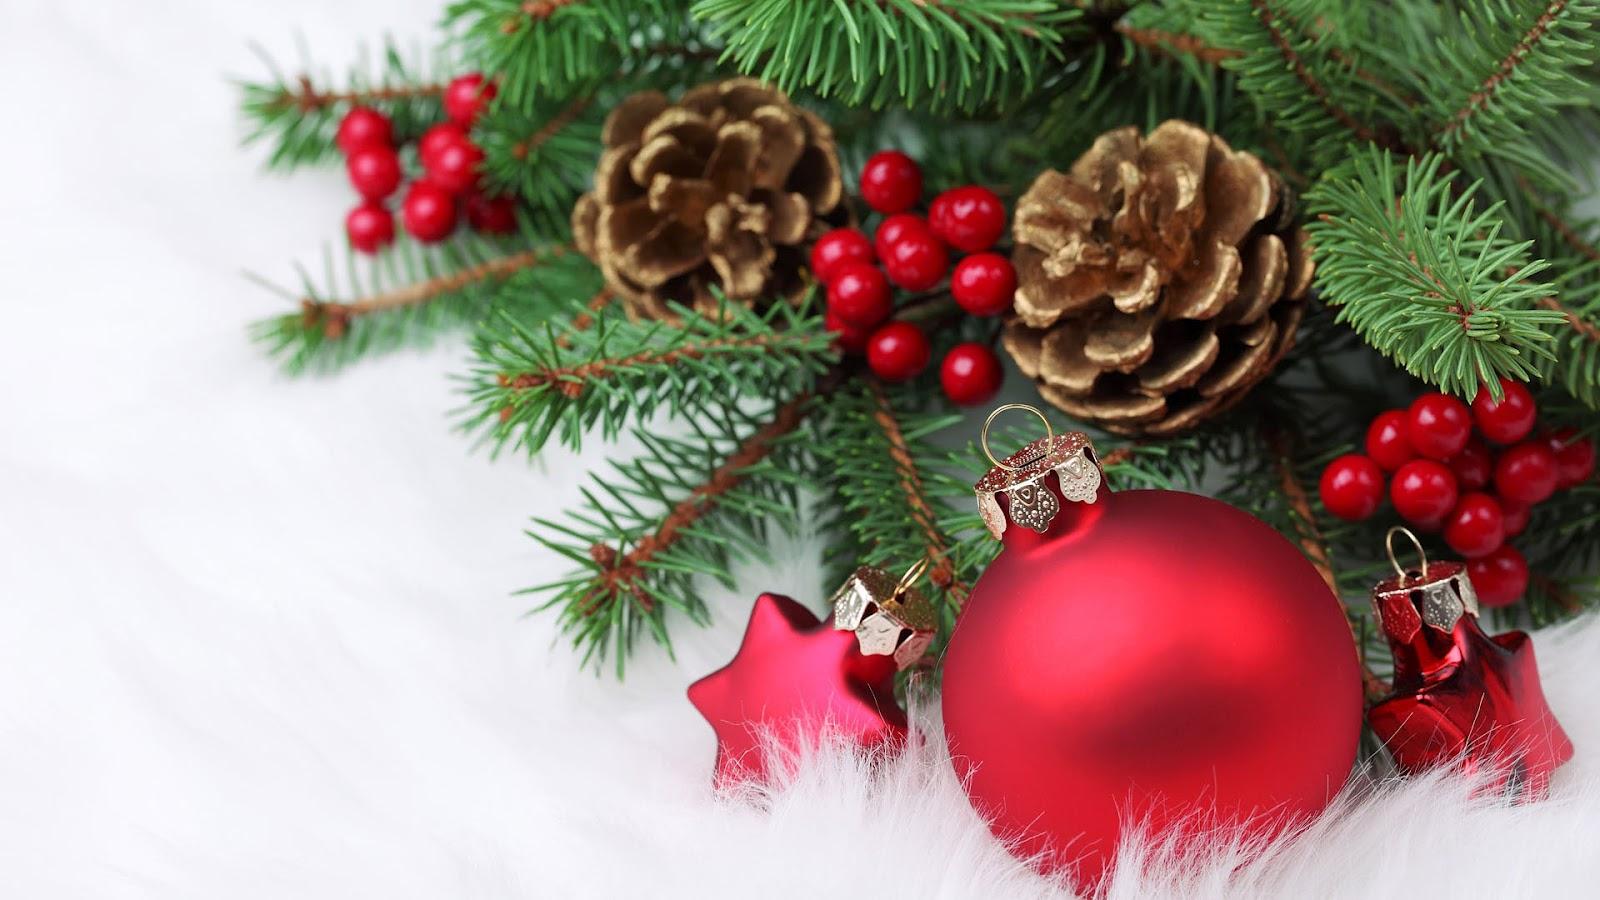 [LIFESTYLE] Kerstsfeer maar dan anders!